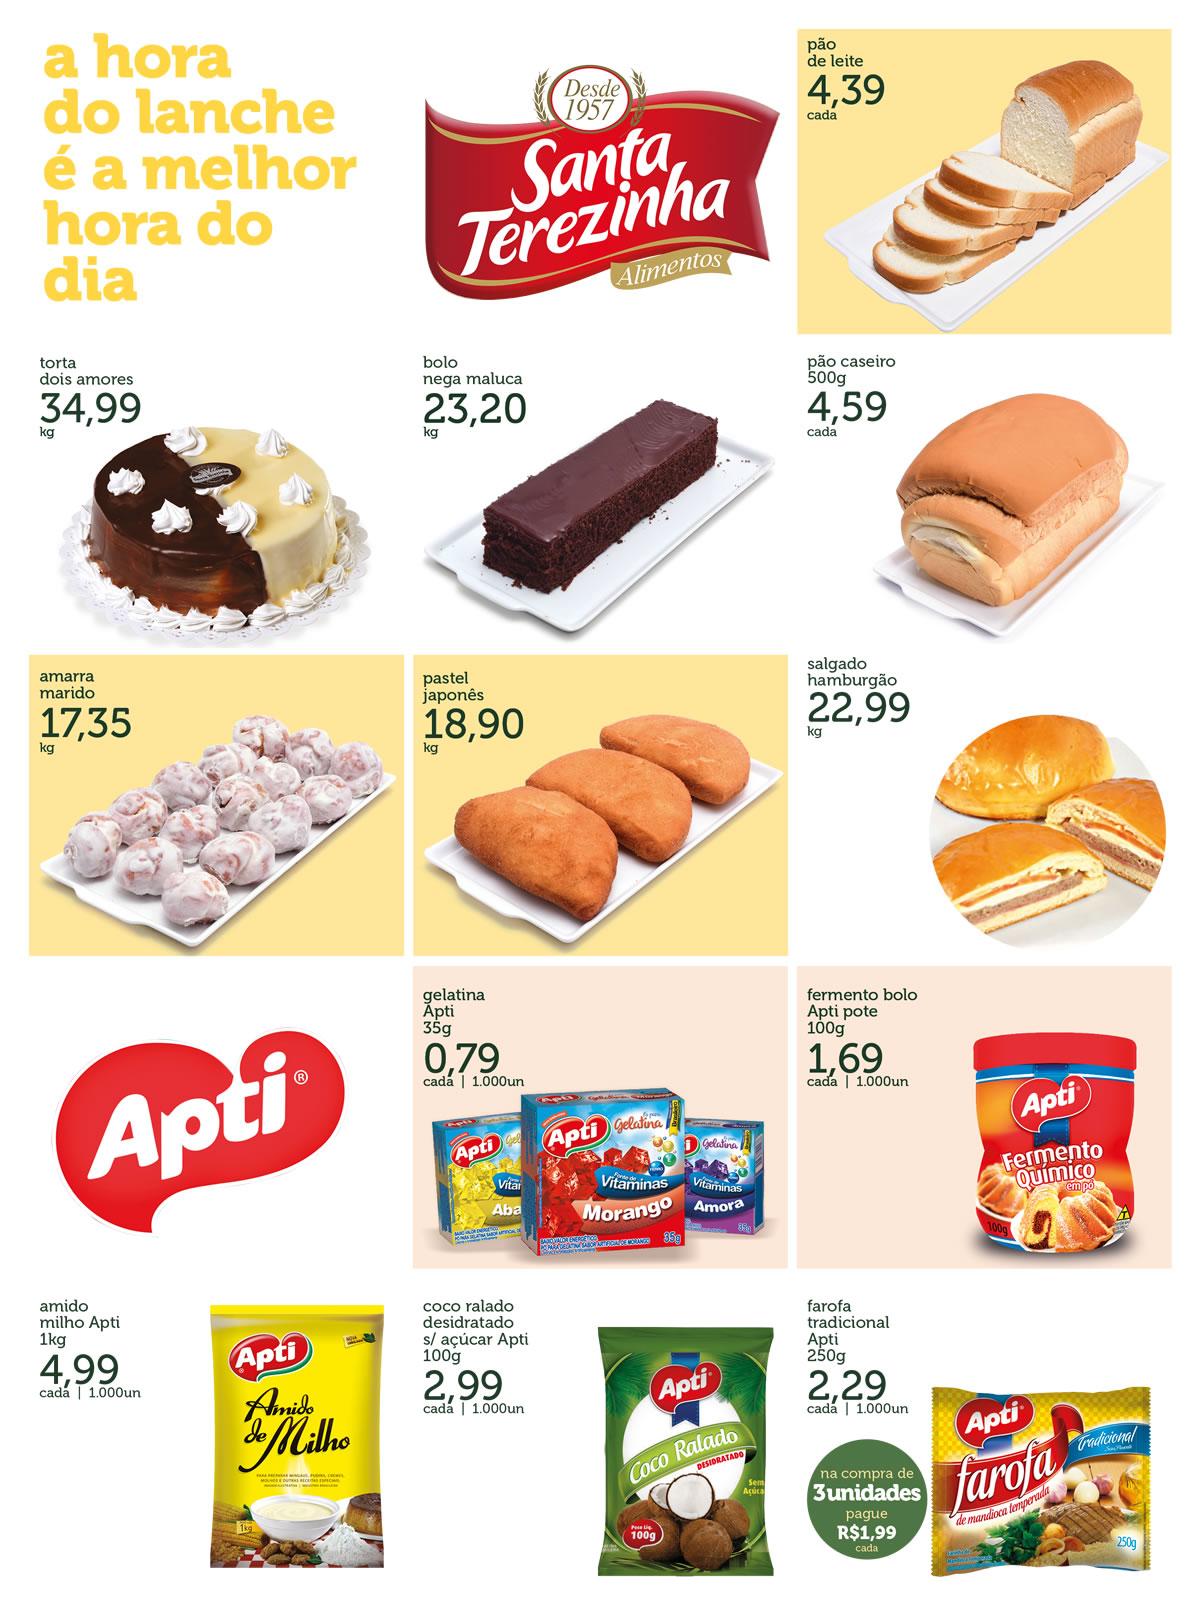 caita_supermercados_tabloide_junho2018_joacaba11